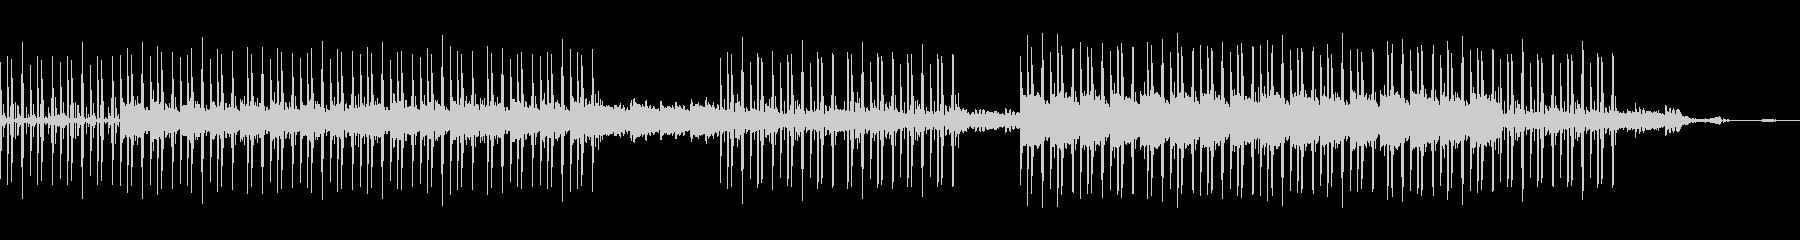 沖縄 海の音とオシャレなLofiビートの未再生の波形